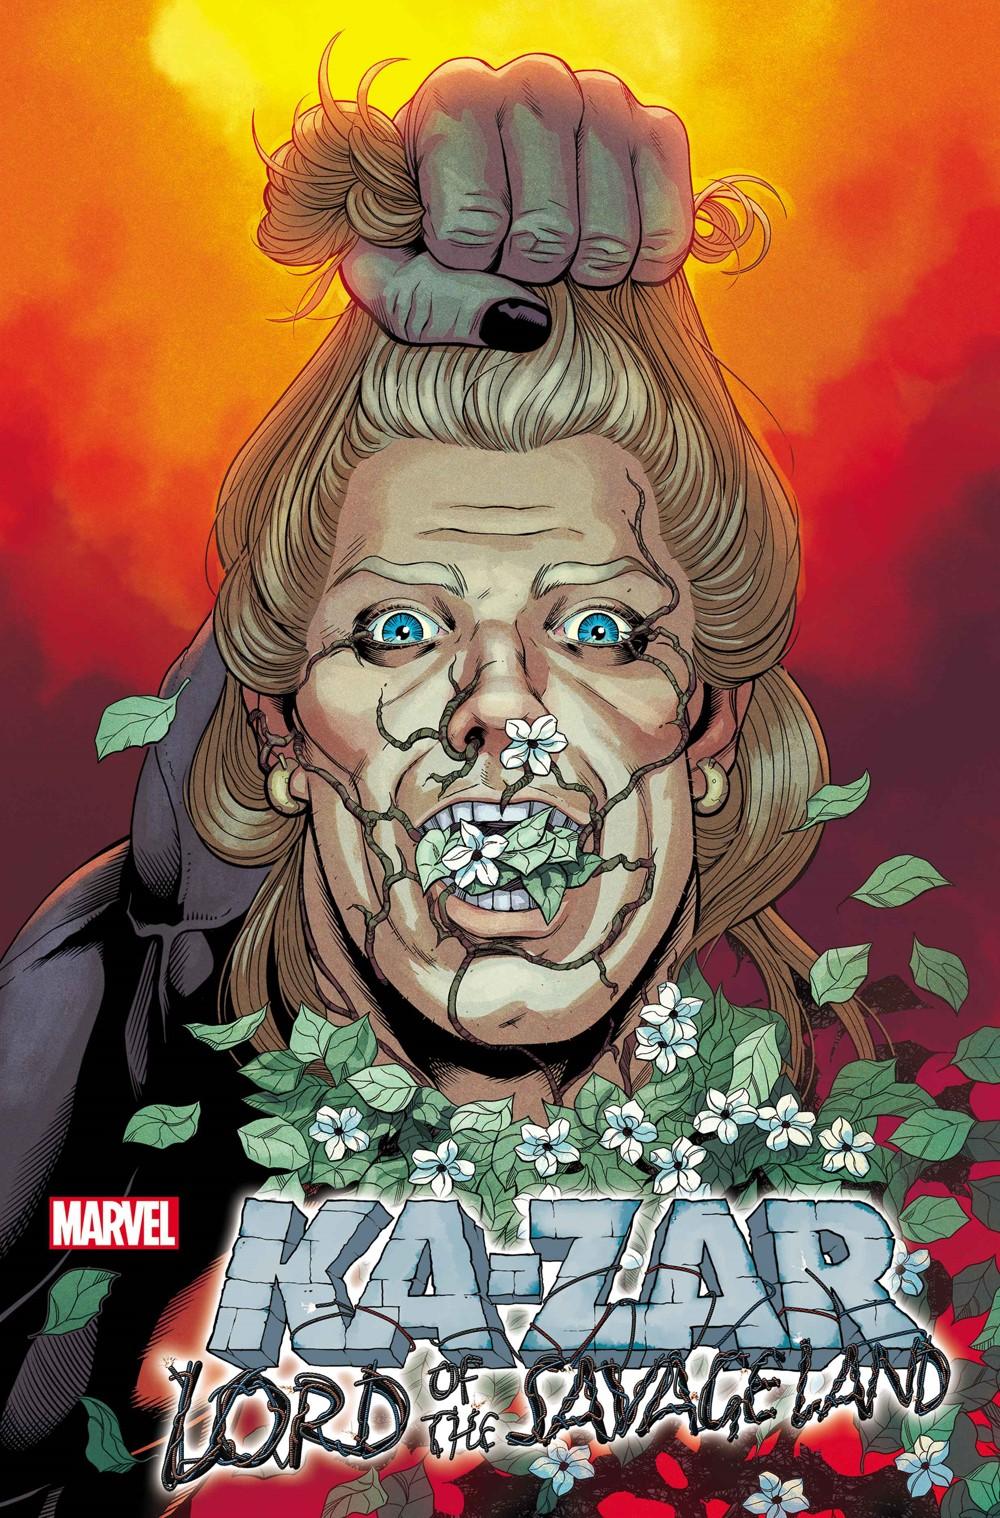 KAZARLORDSAVLAND2021001_var Marvel Comics September 2021 Solicitations